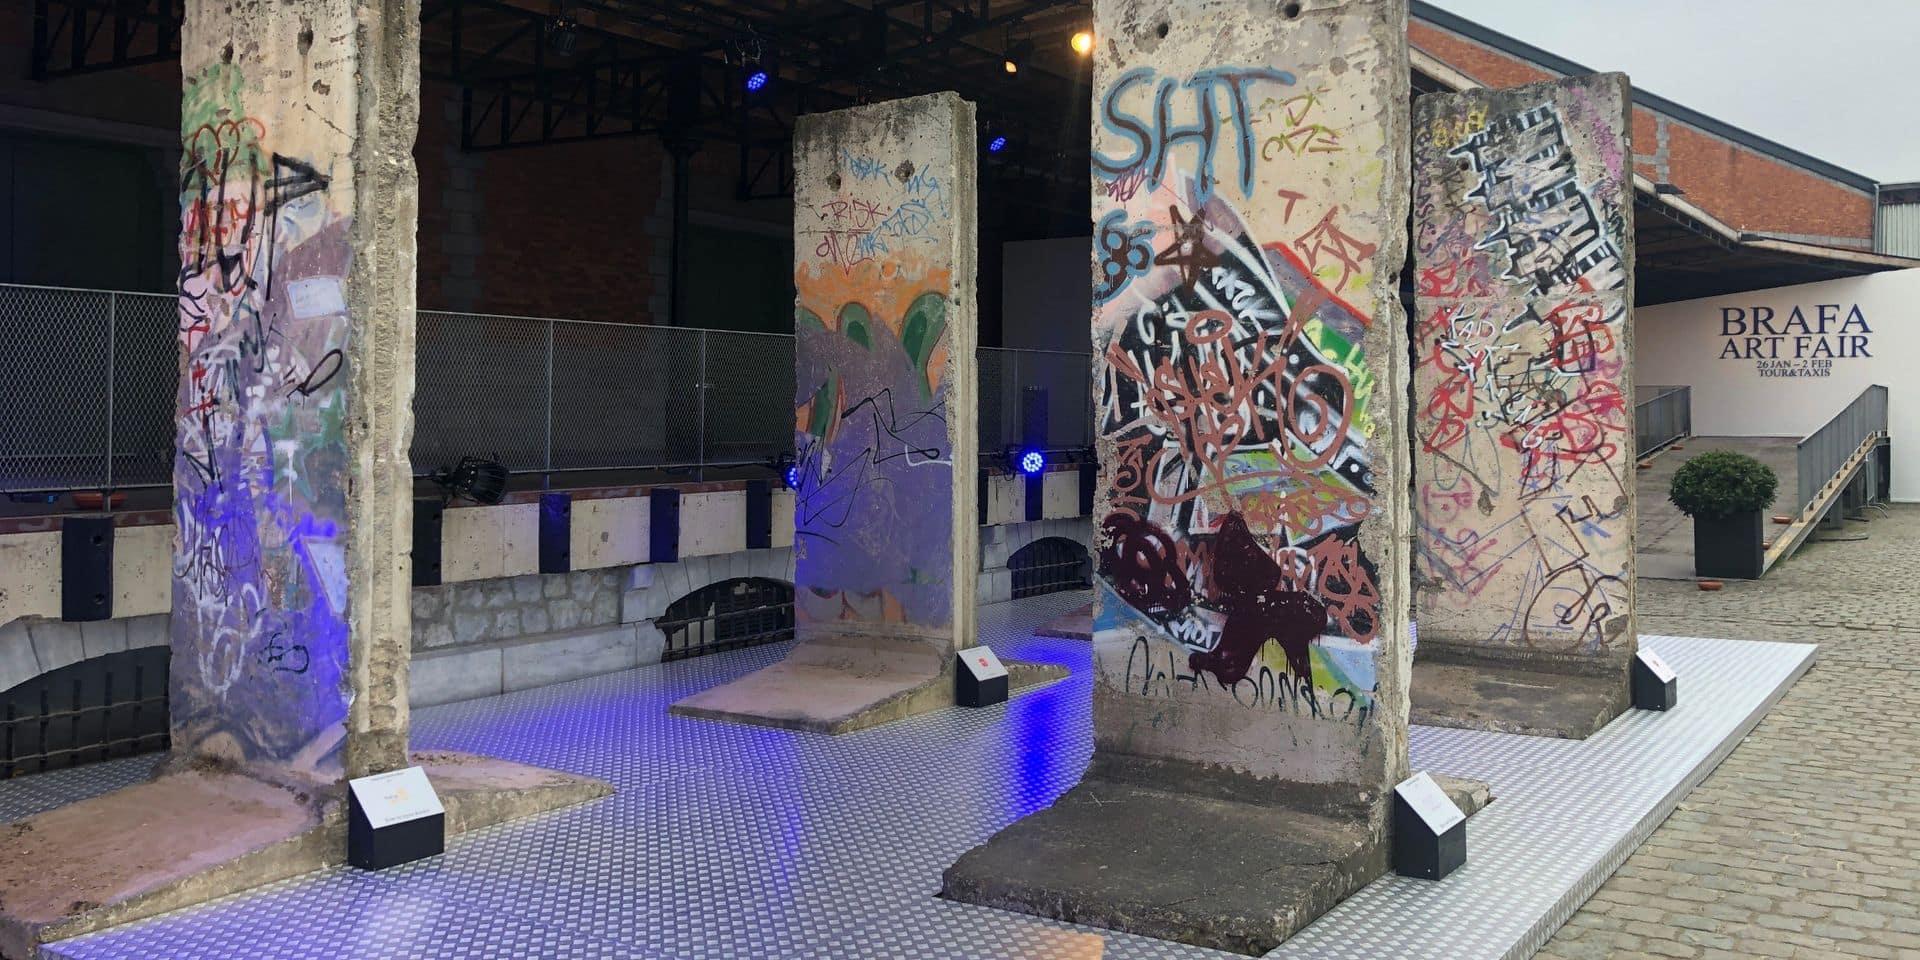 Cinq segments du Mur de Berlin rapportent 326.000 euros lors de la Brafa